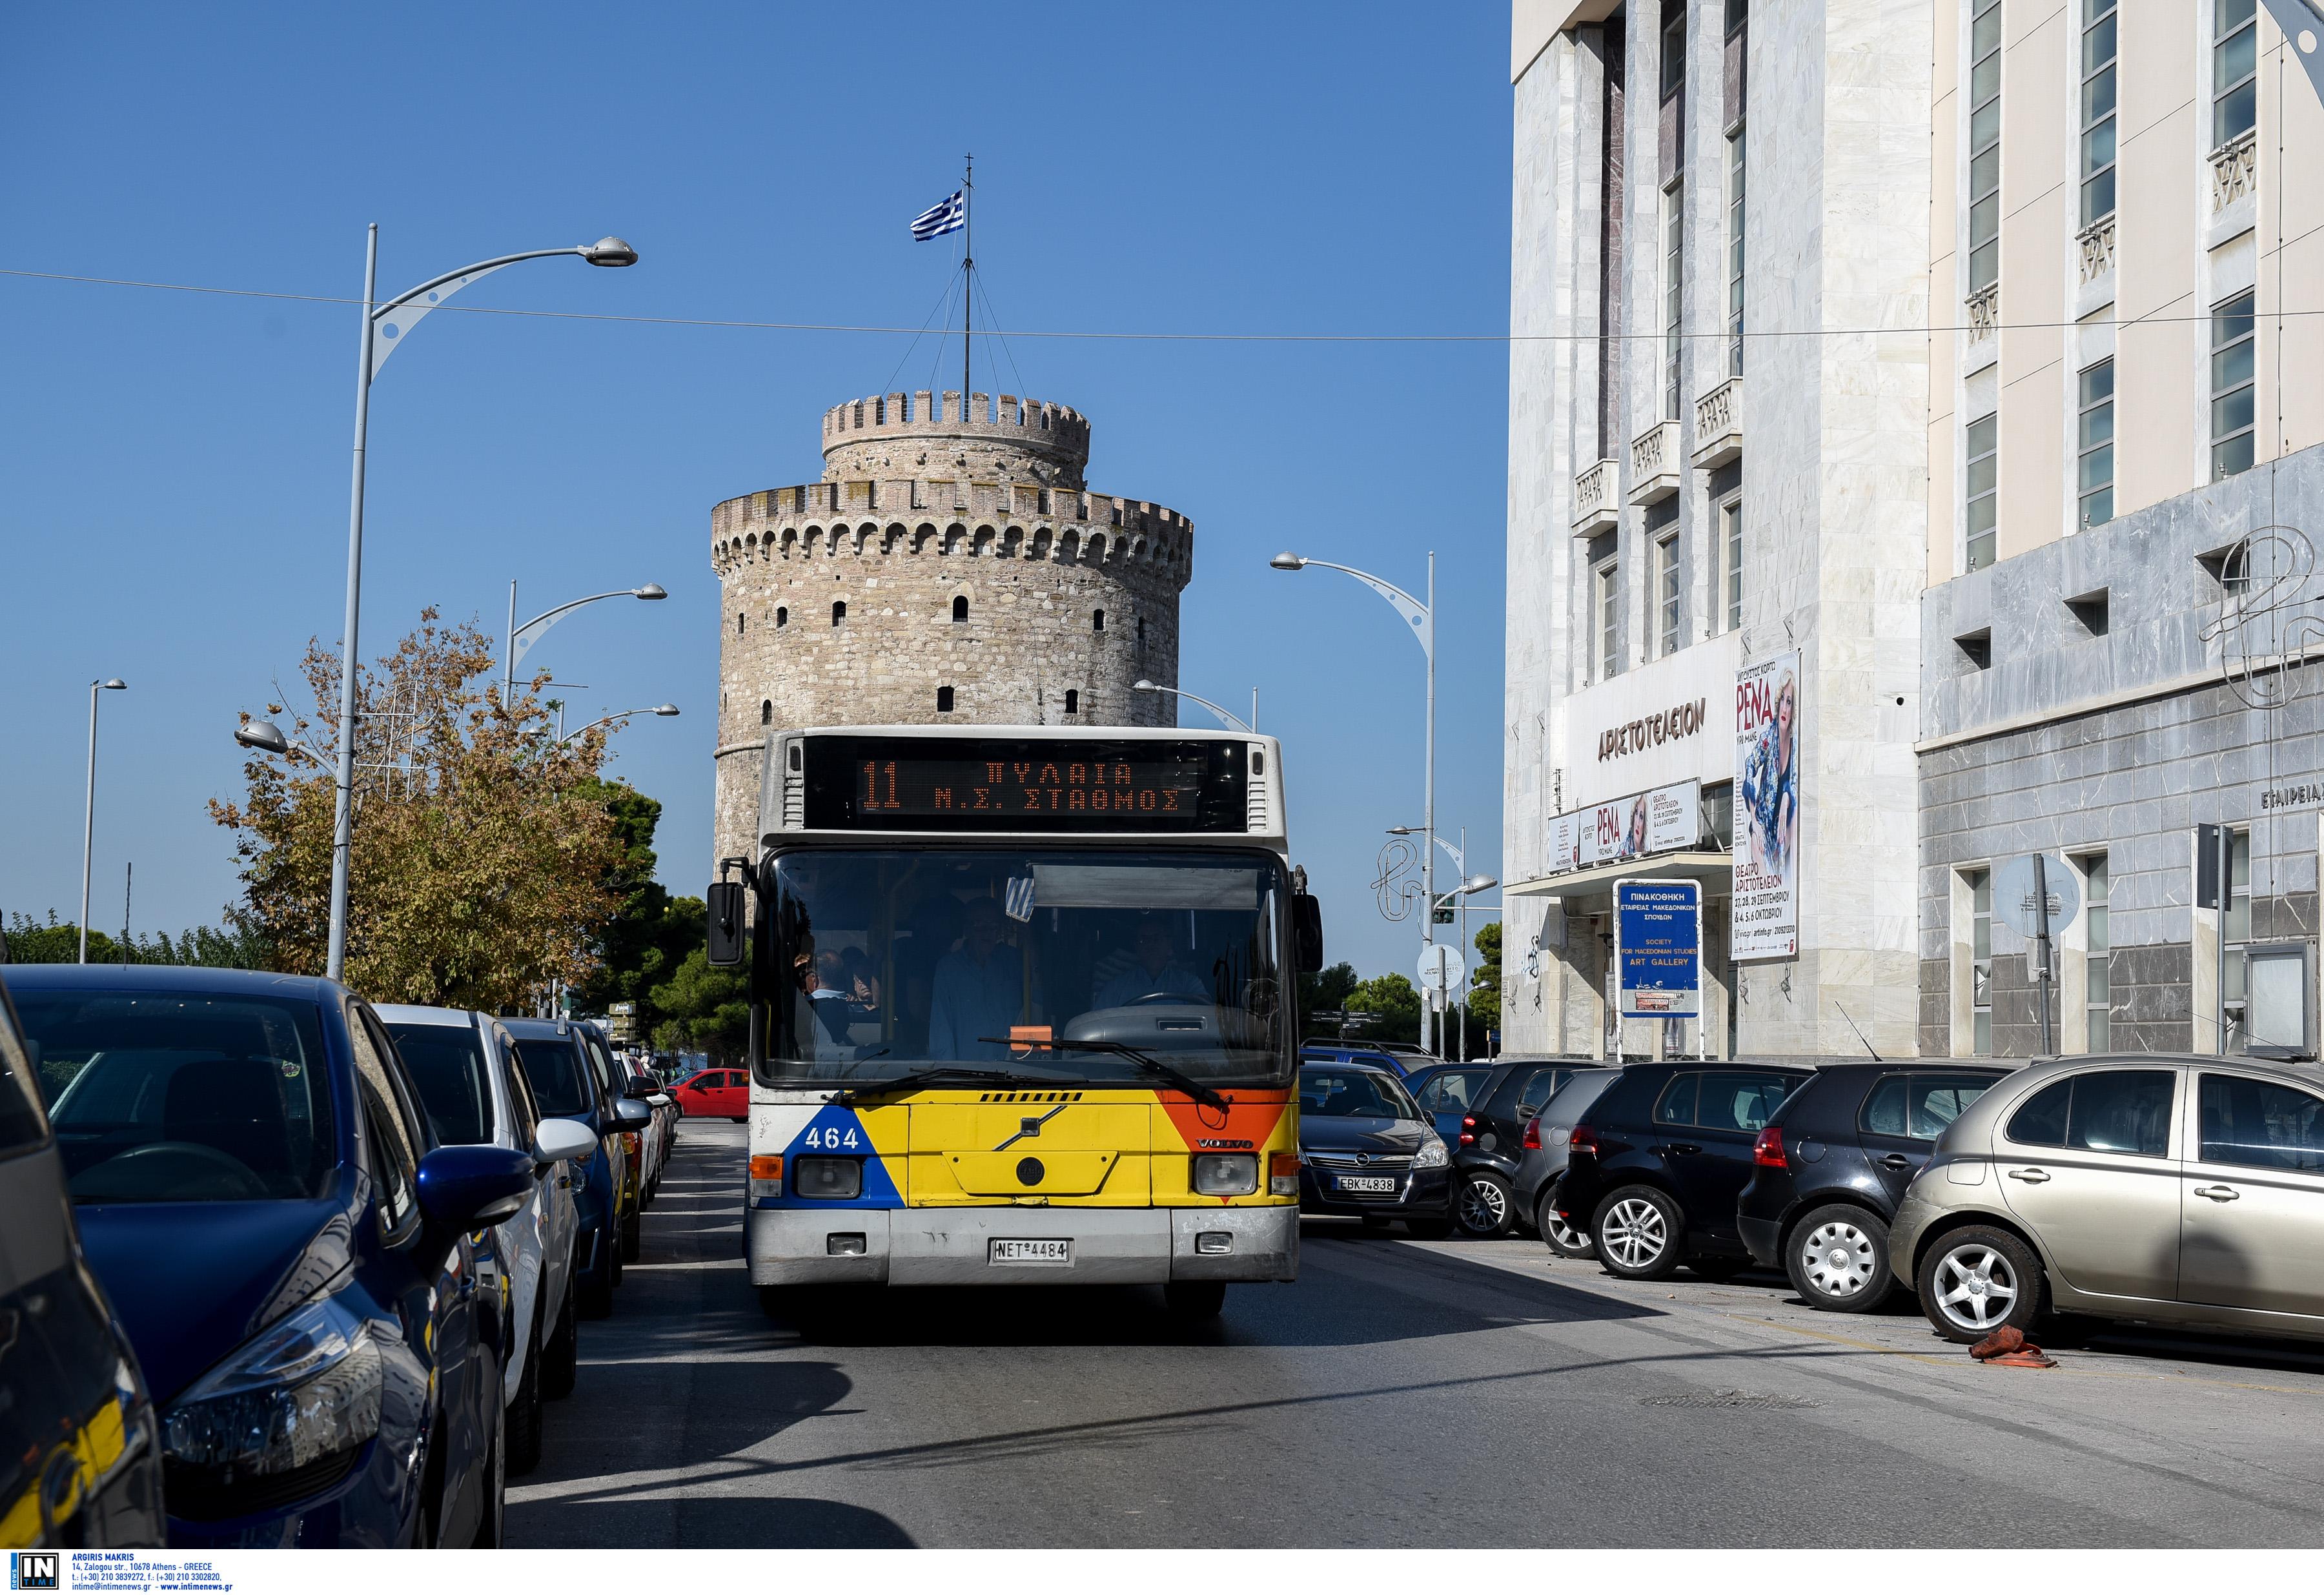 Θεσσαλονίκη: Με θερινό ωράριο δρομολογίων και επαναλειτουργία της πολιτιστικής γραμμής Νο 50 από σήμερα ο ΟΑΣΘ